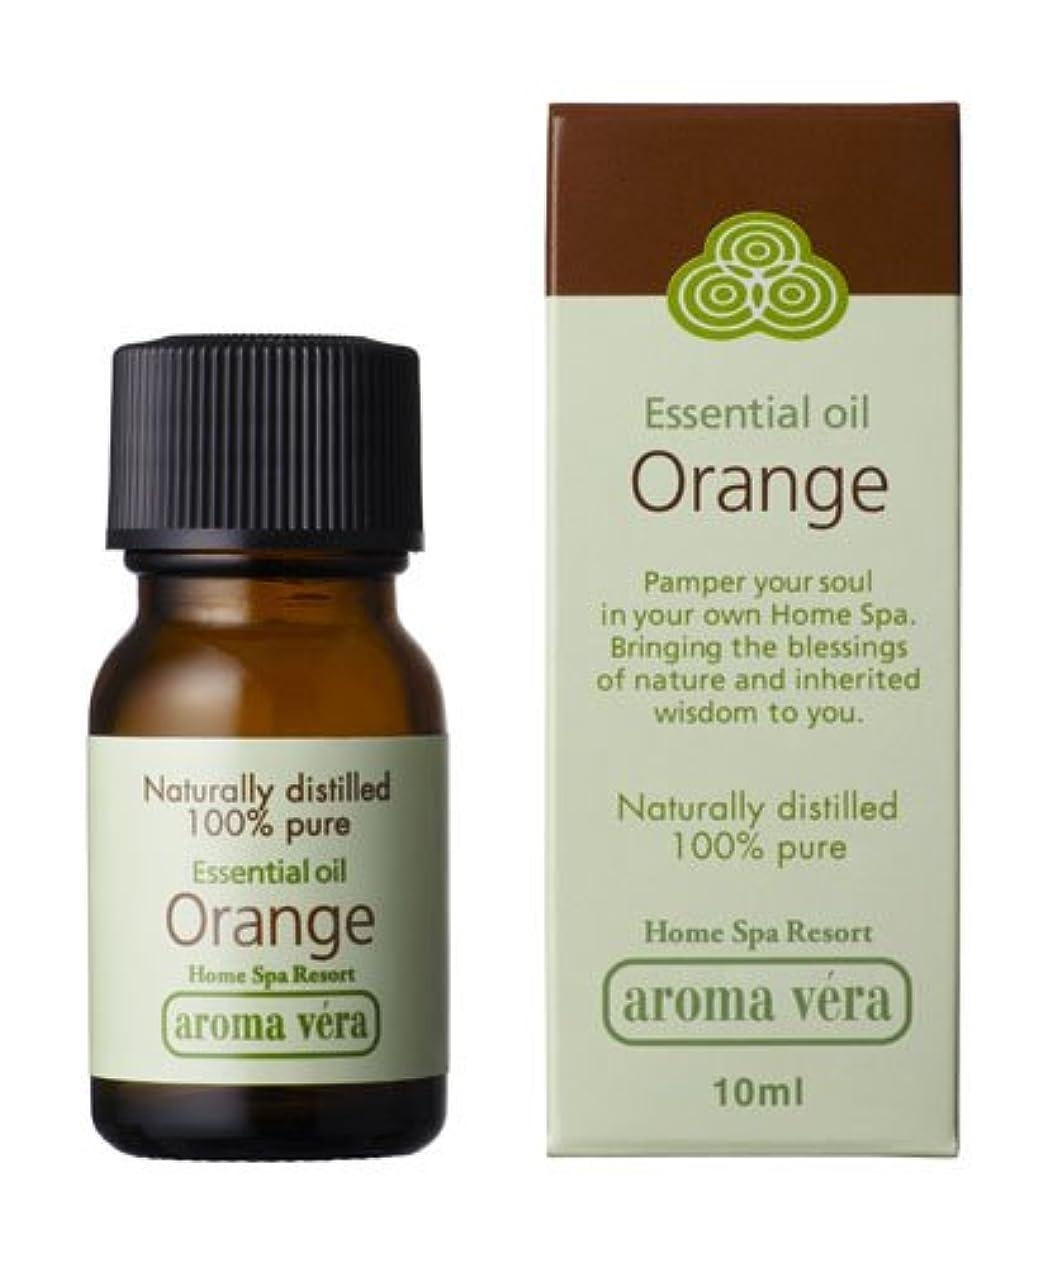 乱暴な上湿地アロマベラ エッセンシャルオイル オレンジ 10ml